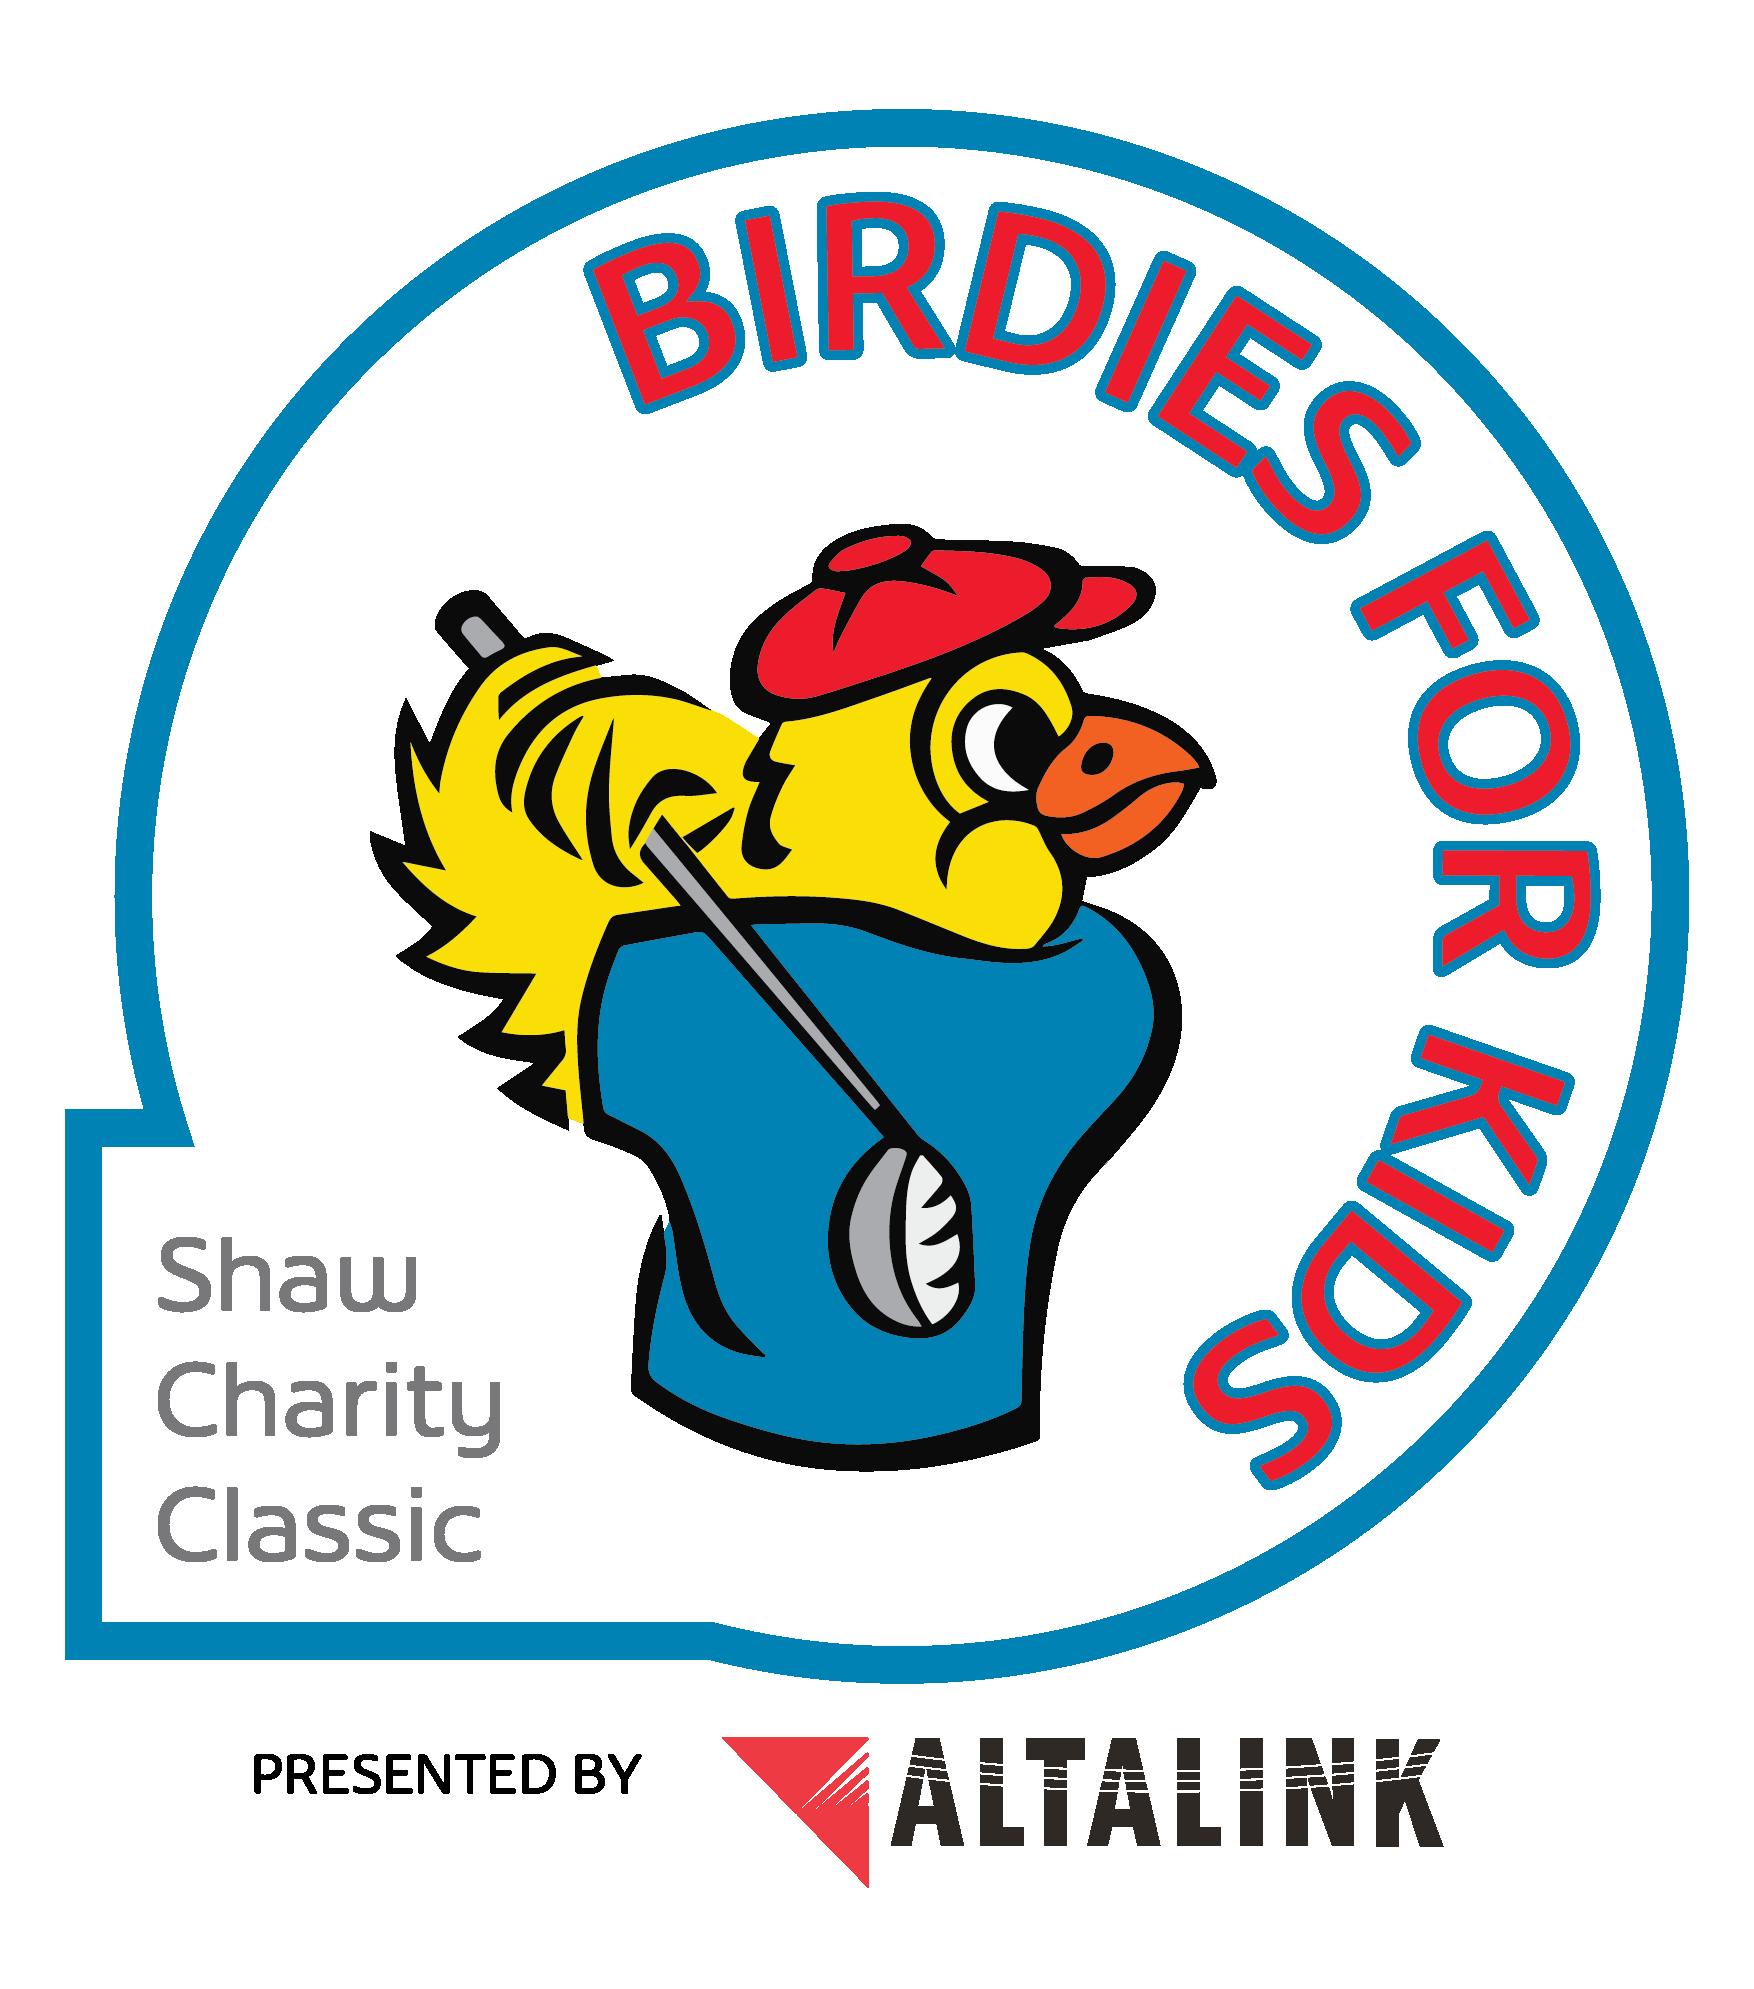 Birdies for Kids